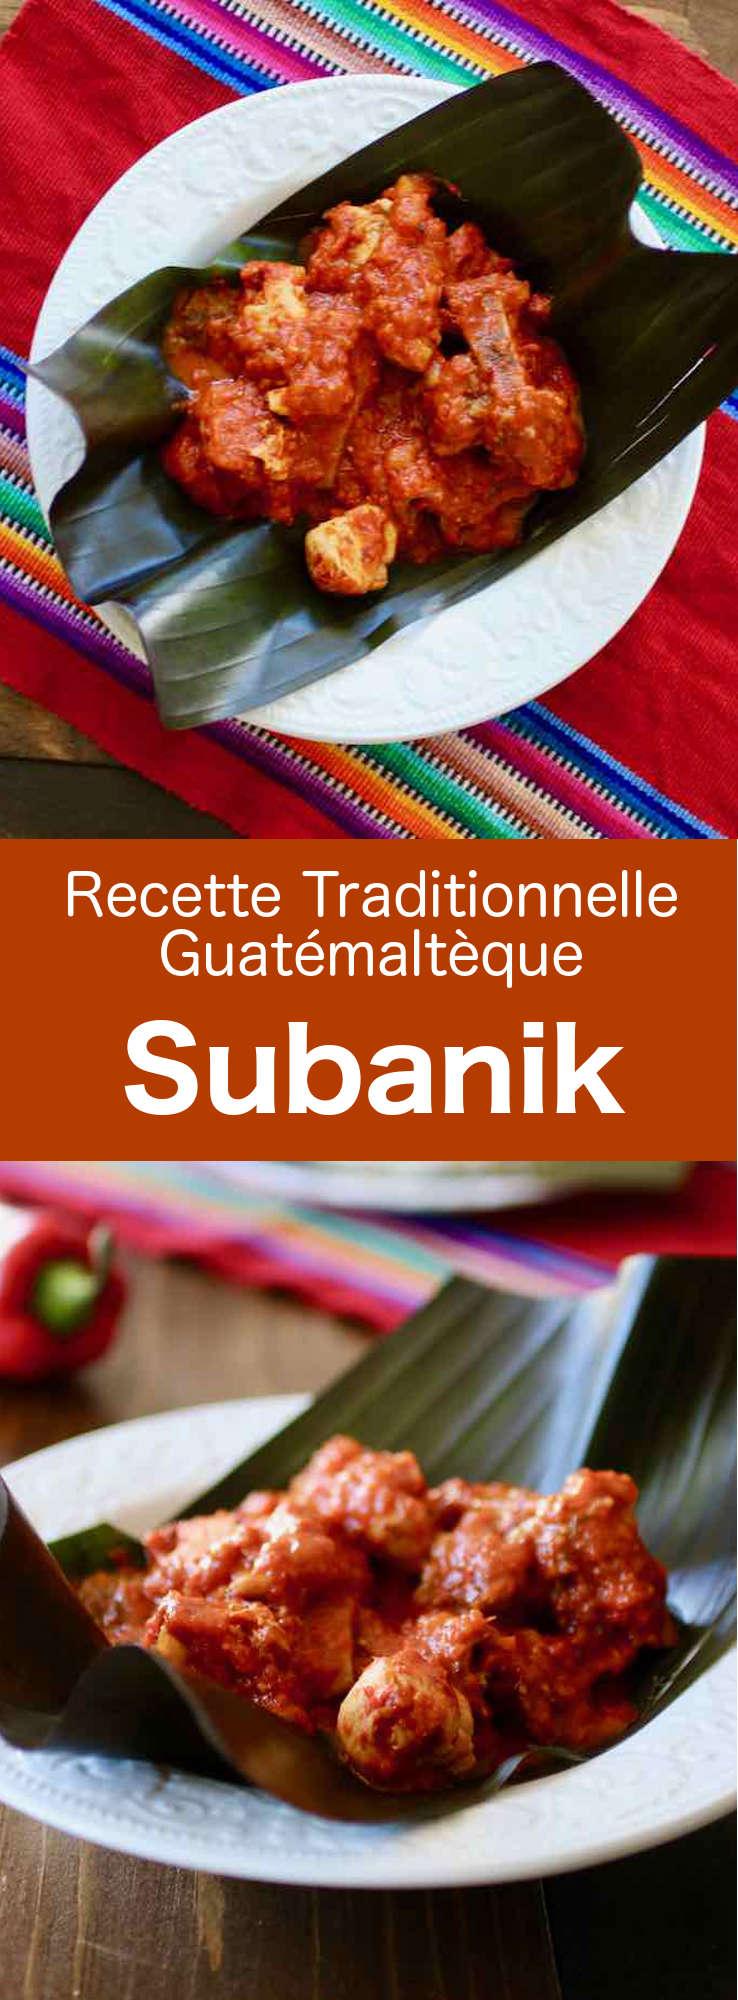 Le subanik est un ragoût traditionnel guatémaltèque qui associe une variété de piments rouges et de viandes telles que le poulet, le bœuf et le porc, cuits dans des feuilles de mashan. #Guatemala #CuisineGuatemalteque #AmeriqueCentrale #CuisineDuMonde #196flavors